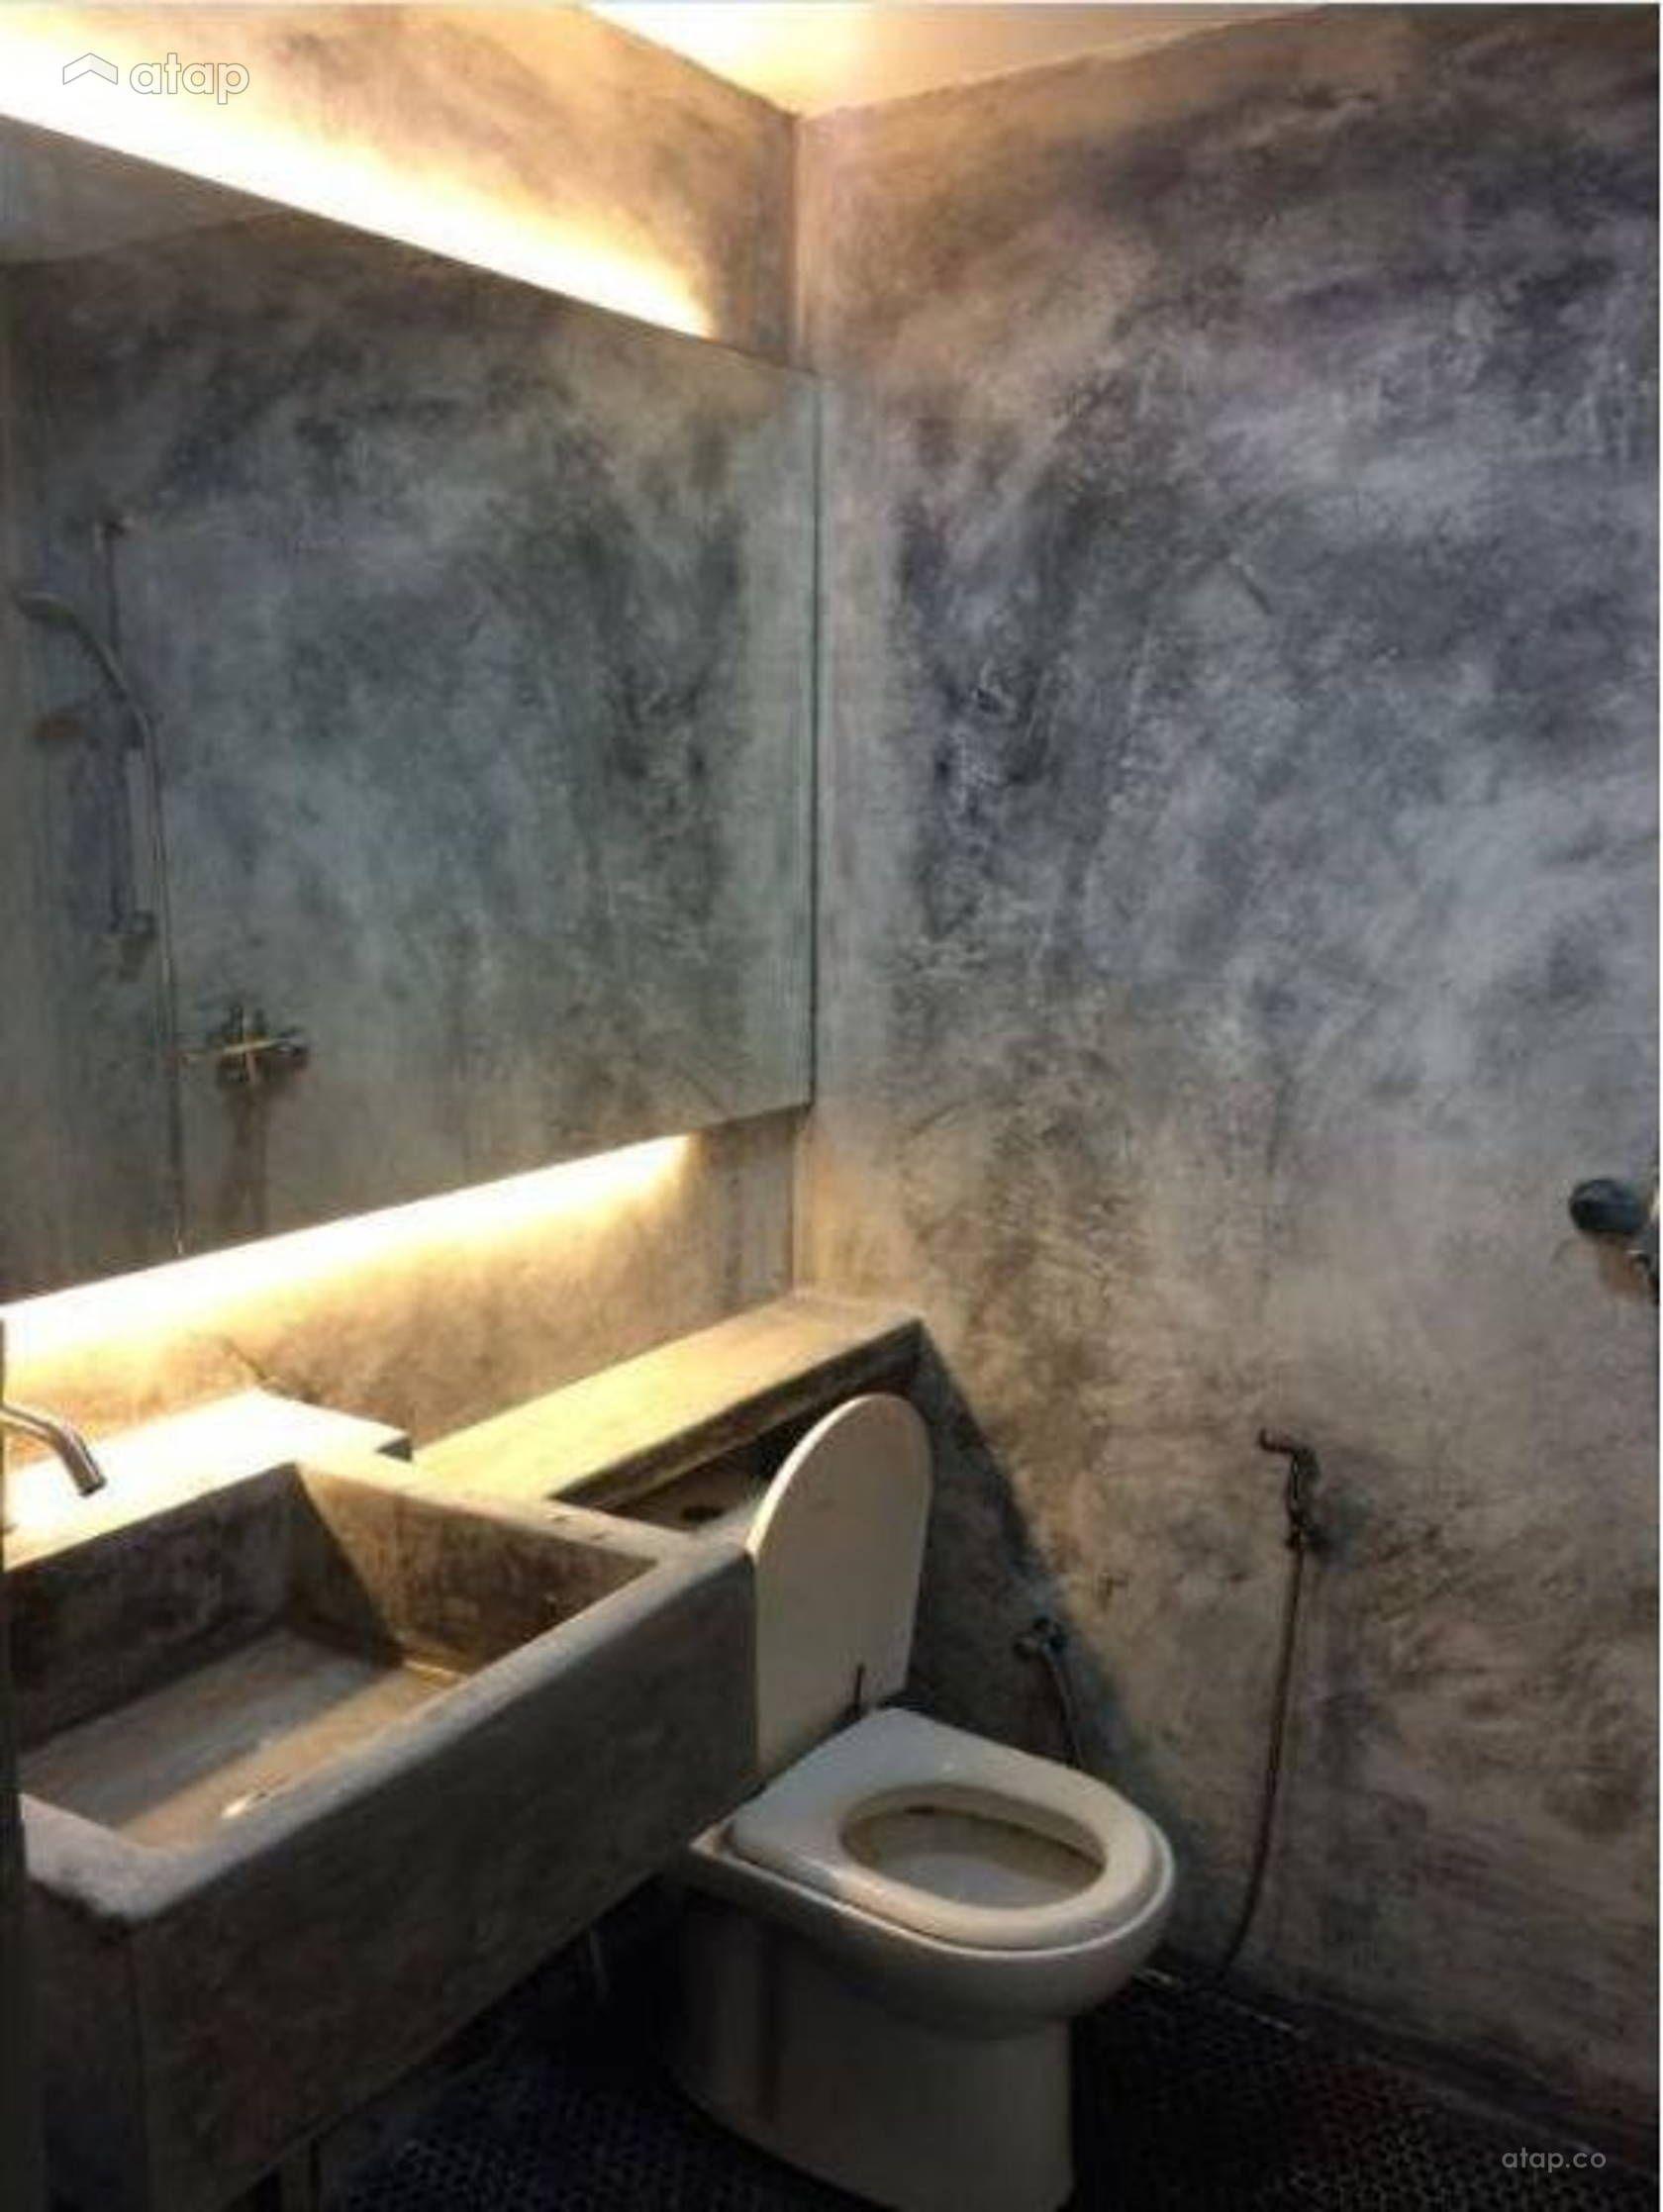 Industrial Bathroom Condominium Design Ideas Photos Malaysia Atap Co Industrial Bathroom Decor Industrial Bathroom Condominium Design